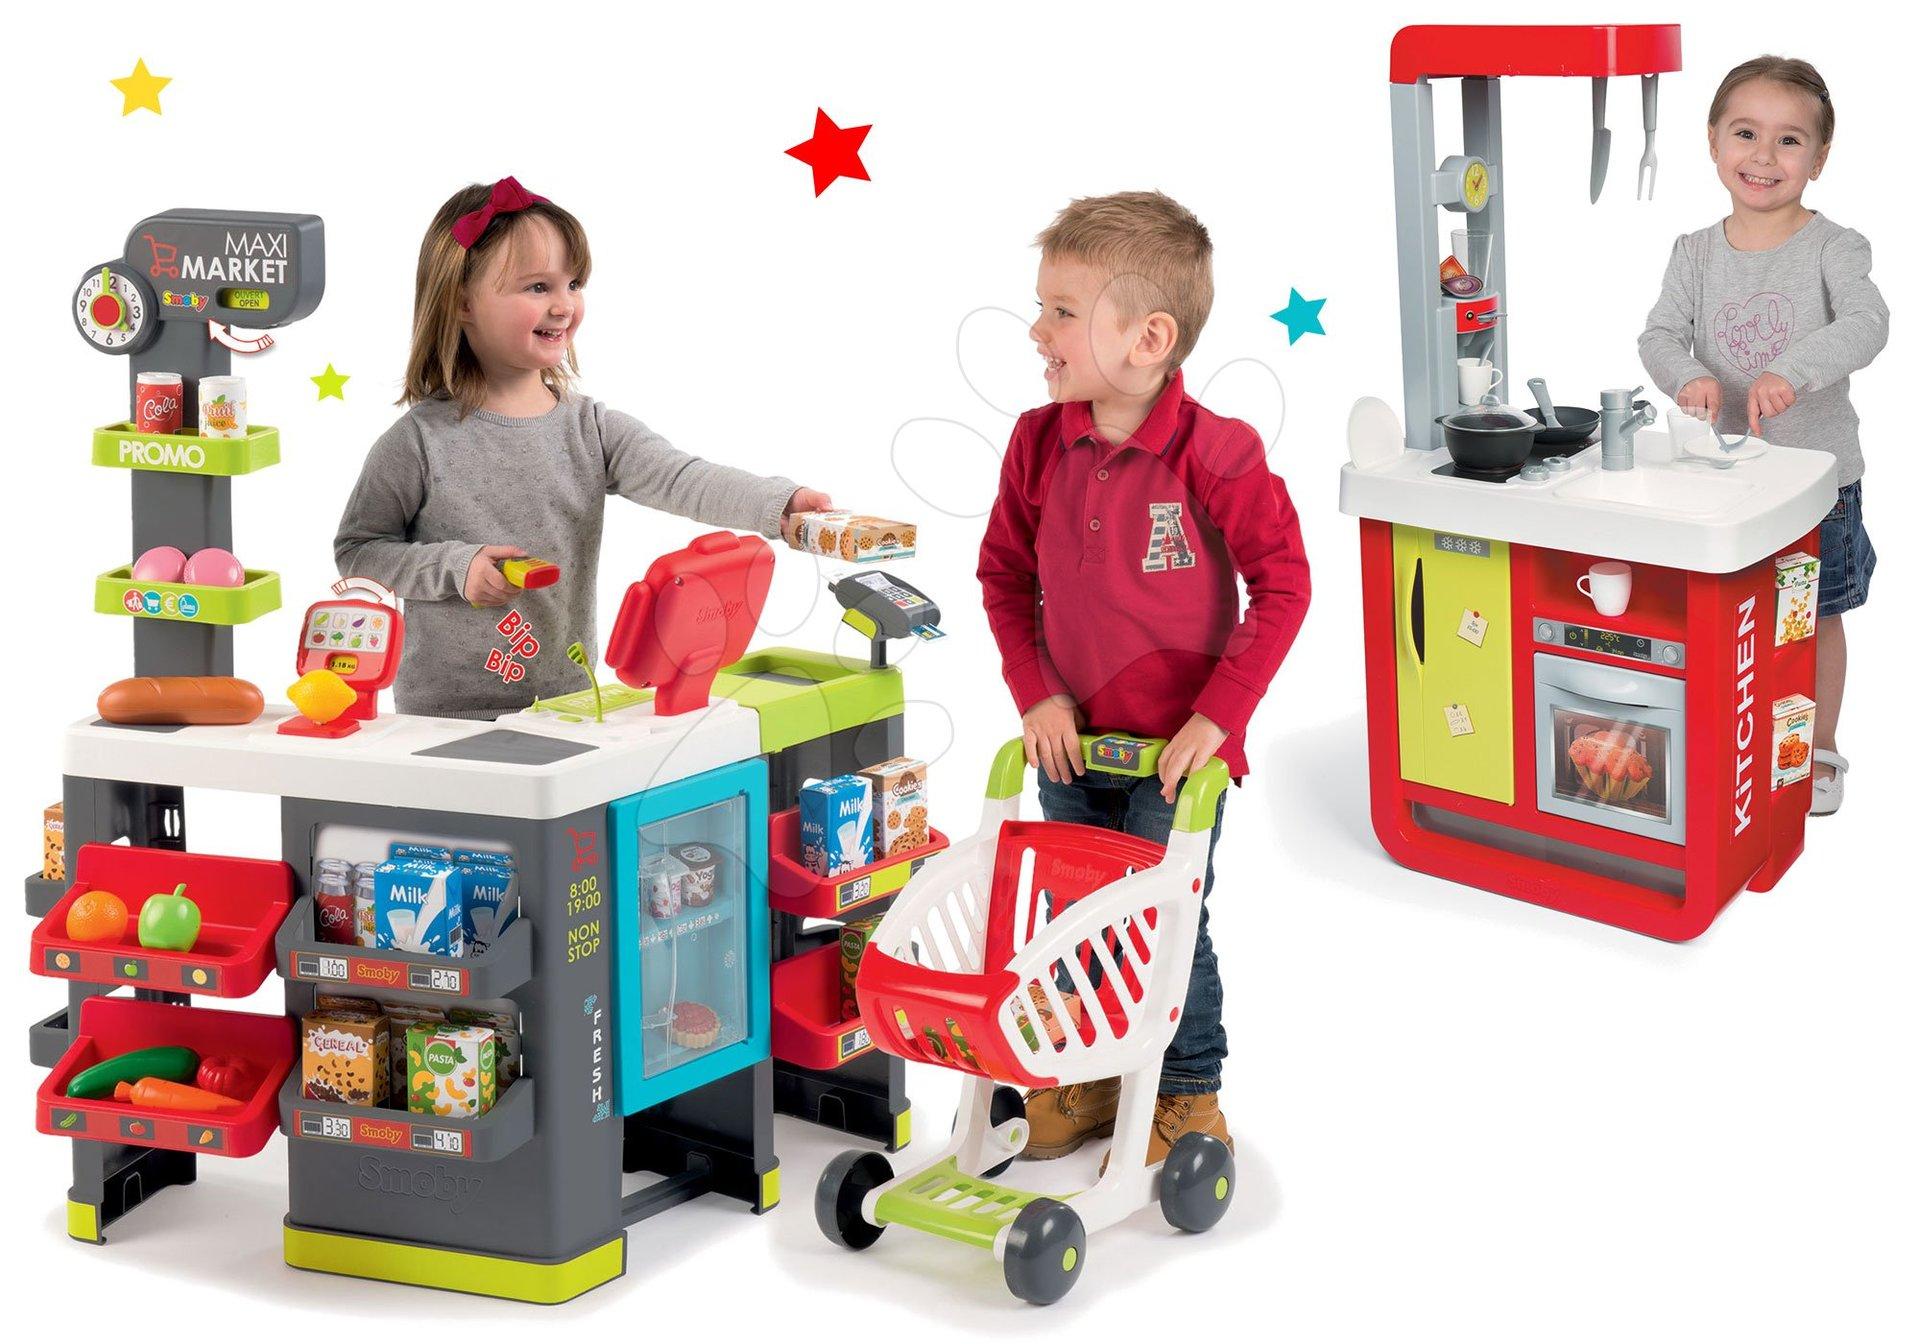 Obchody pro děti sety - Set obchod Maxi Market Smoby s elektronickou pokladnou a vozíkem a kuchyňka Cherry Special se zvuky